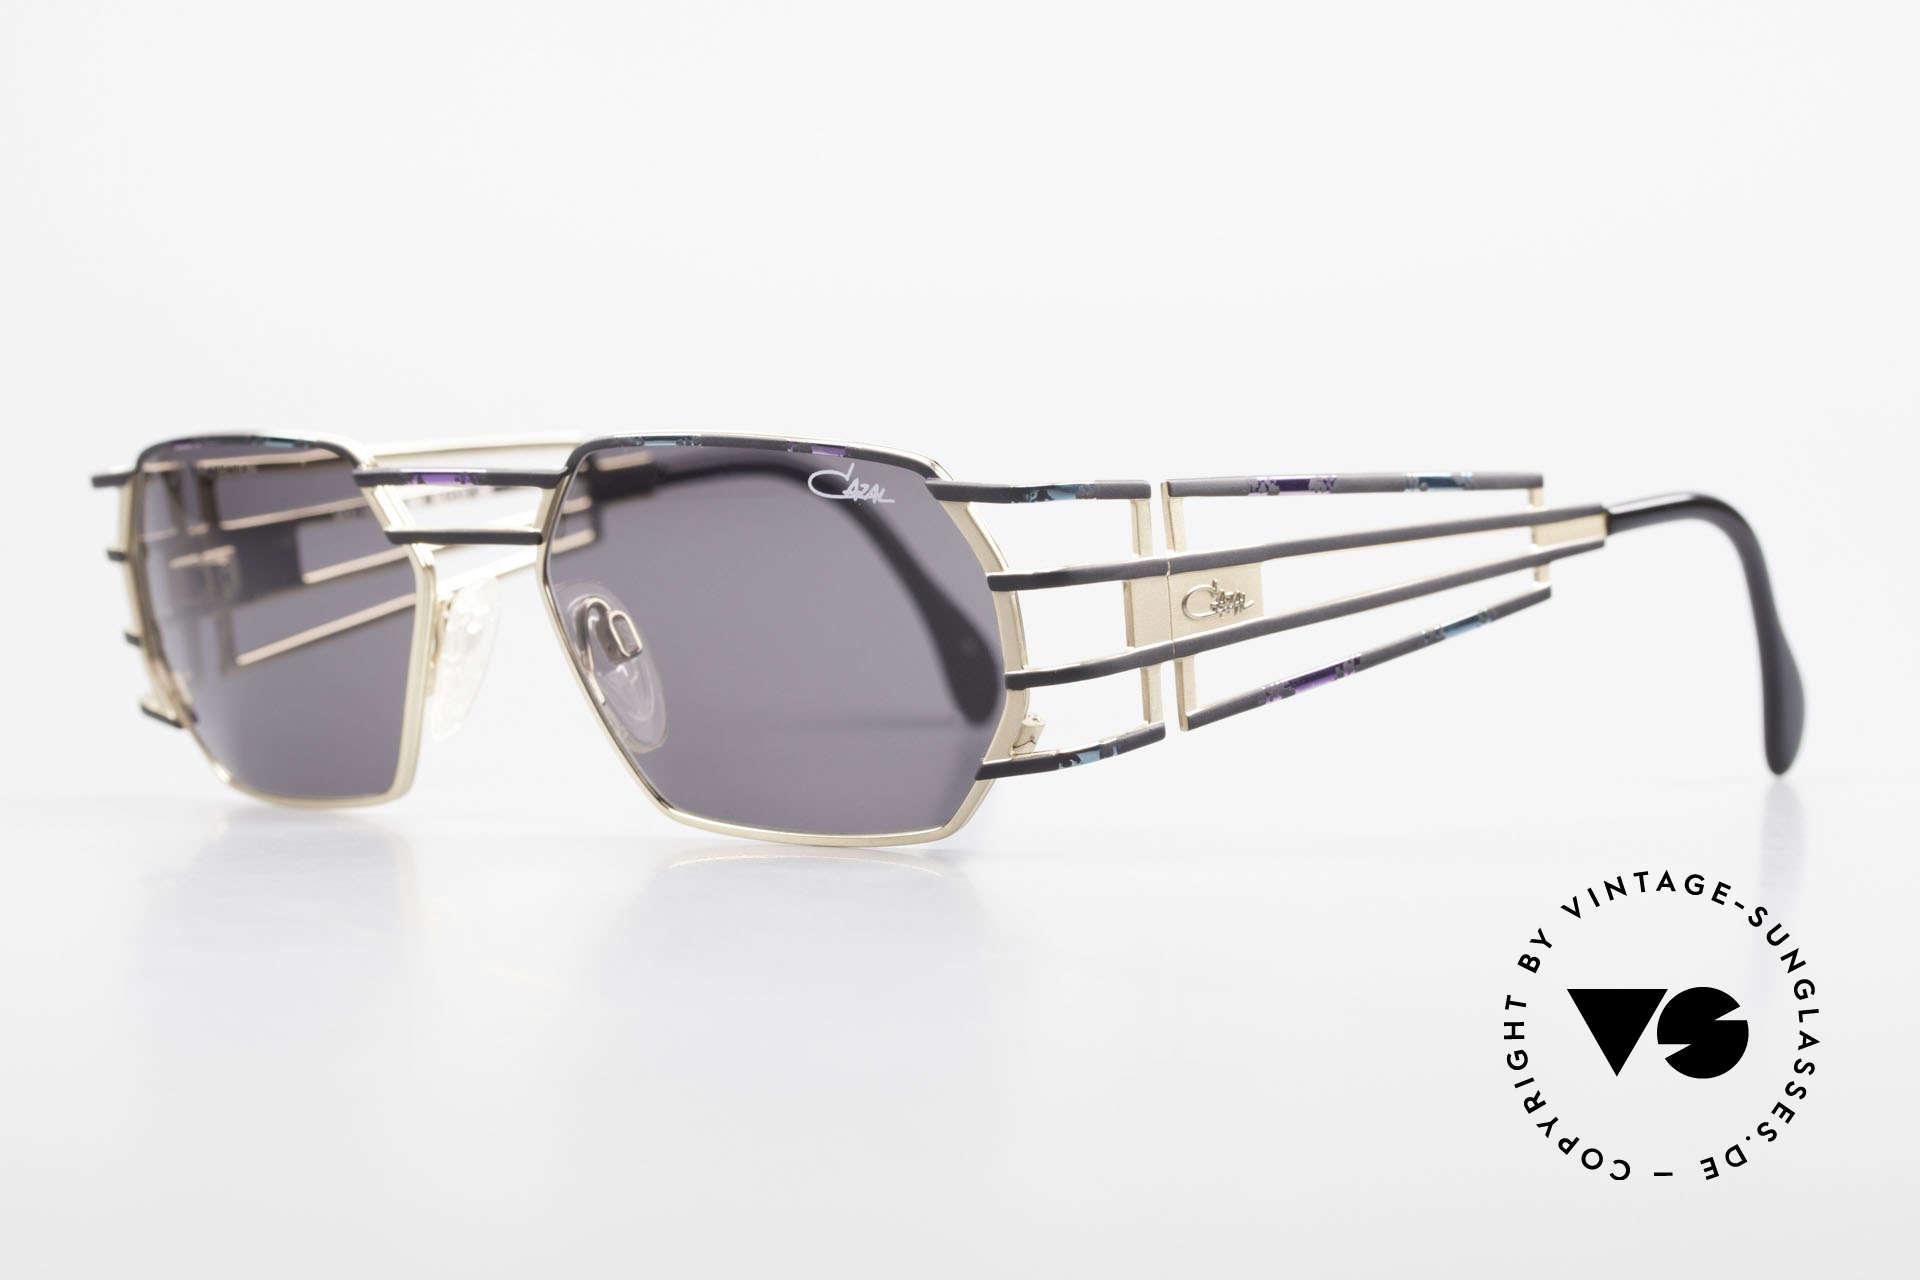 Cazal 980 Markante Vintage Sonnenbrille, exquisite Verarbeitungsqualität (made in Germany), Passend für Herren und Damen